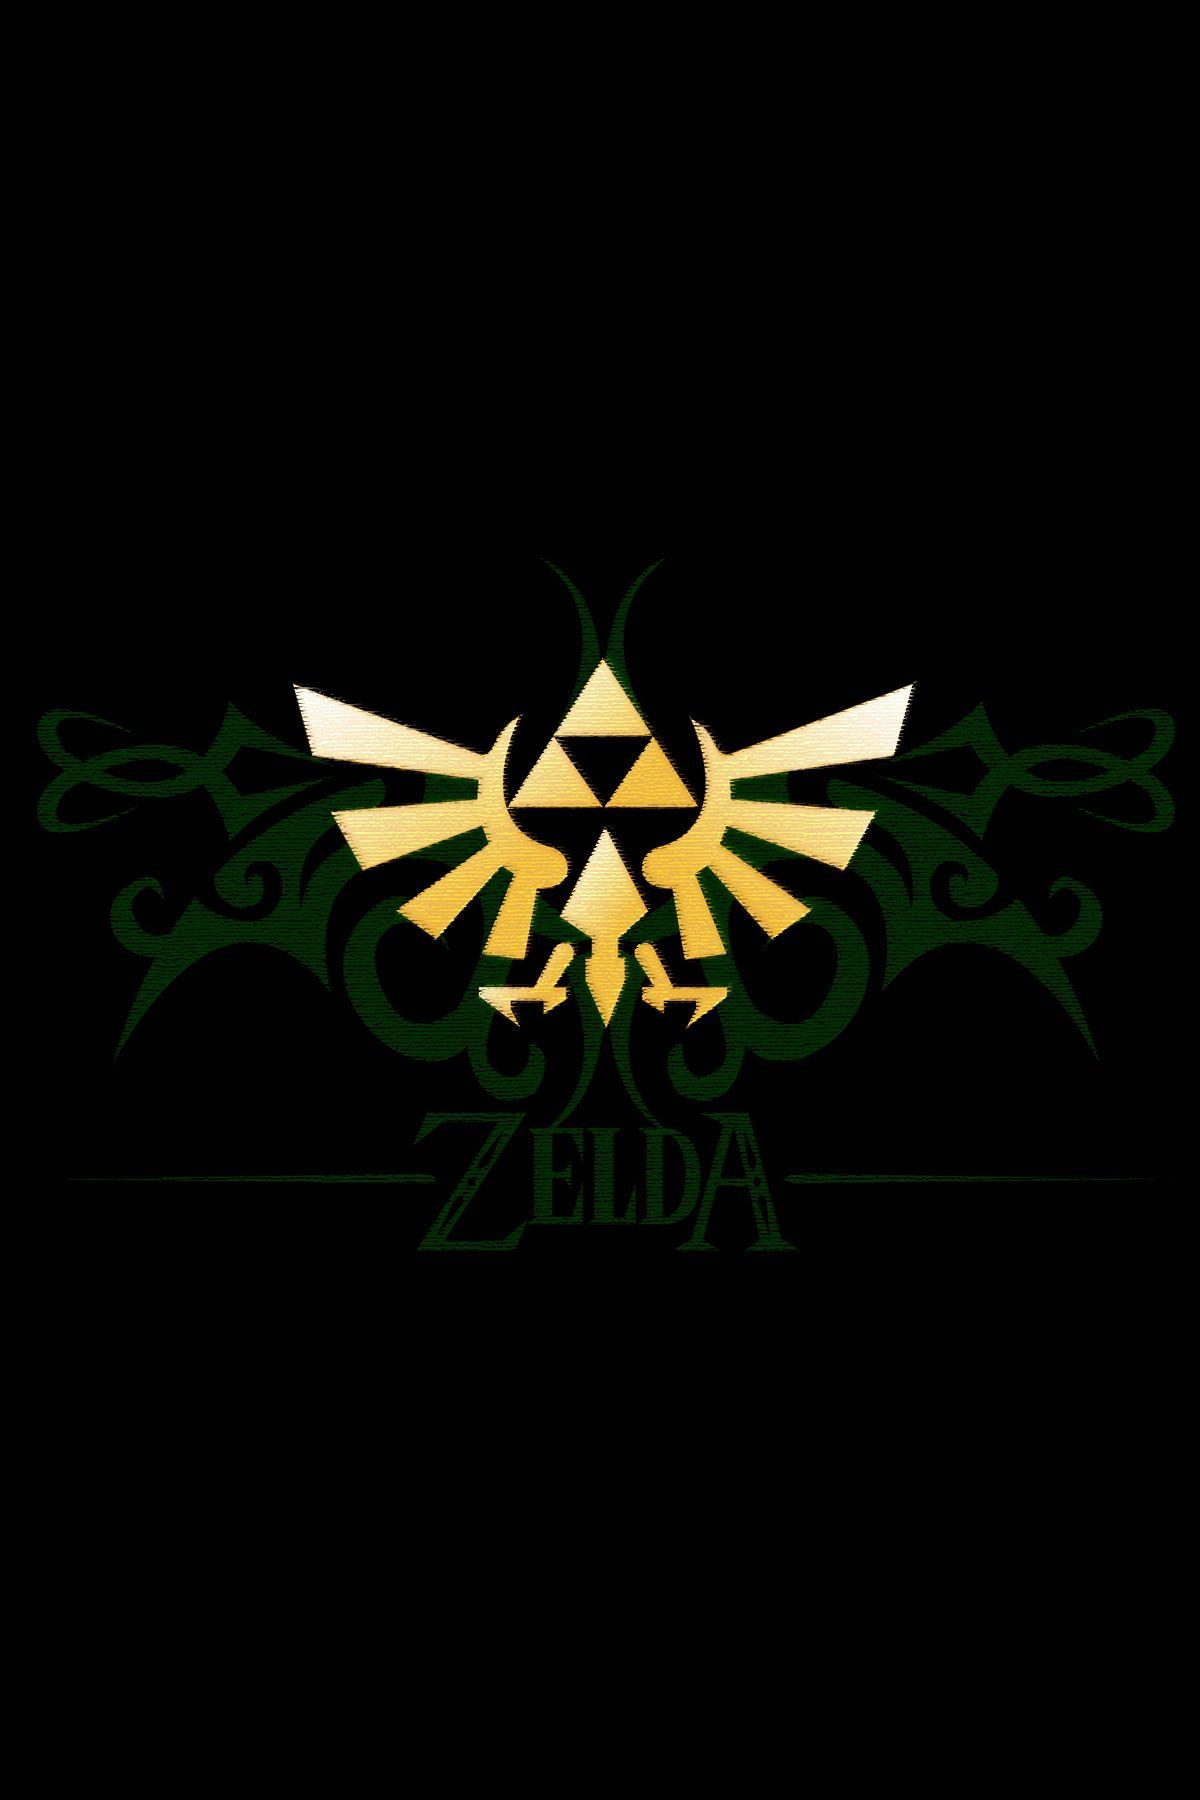 Zelda Wallpaper Android